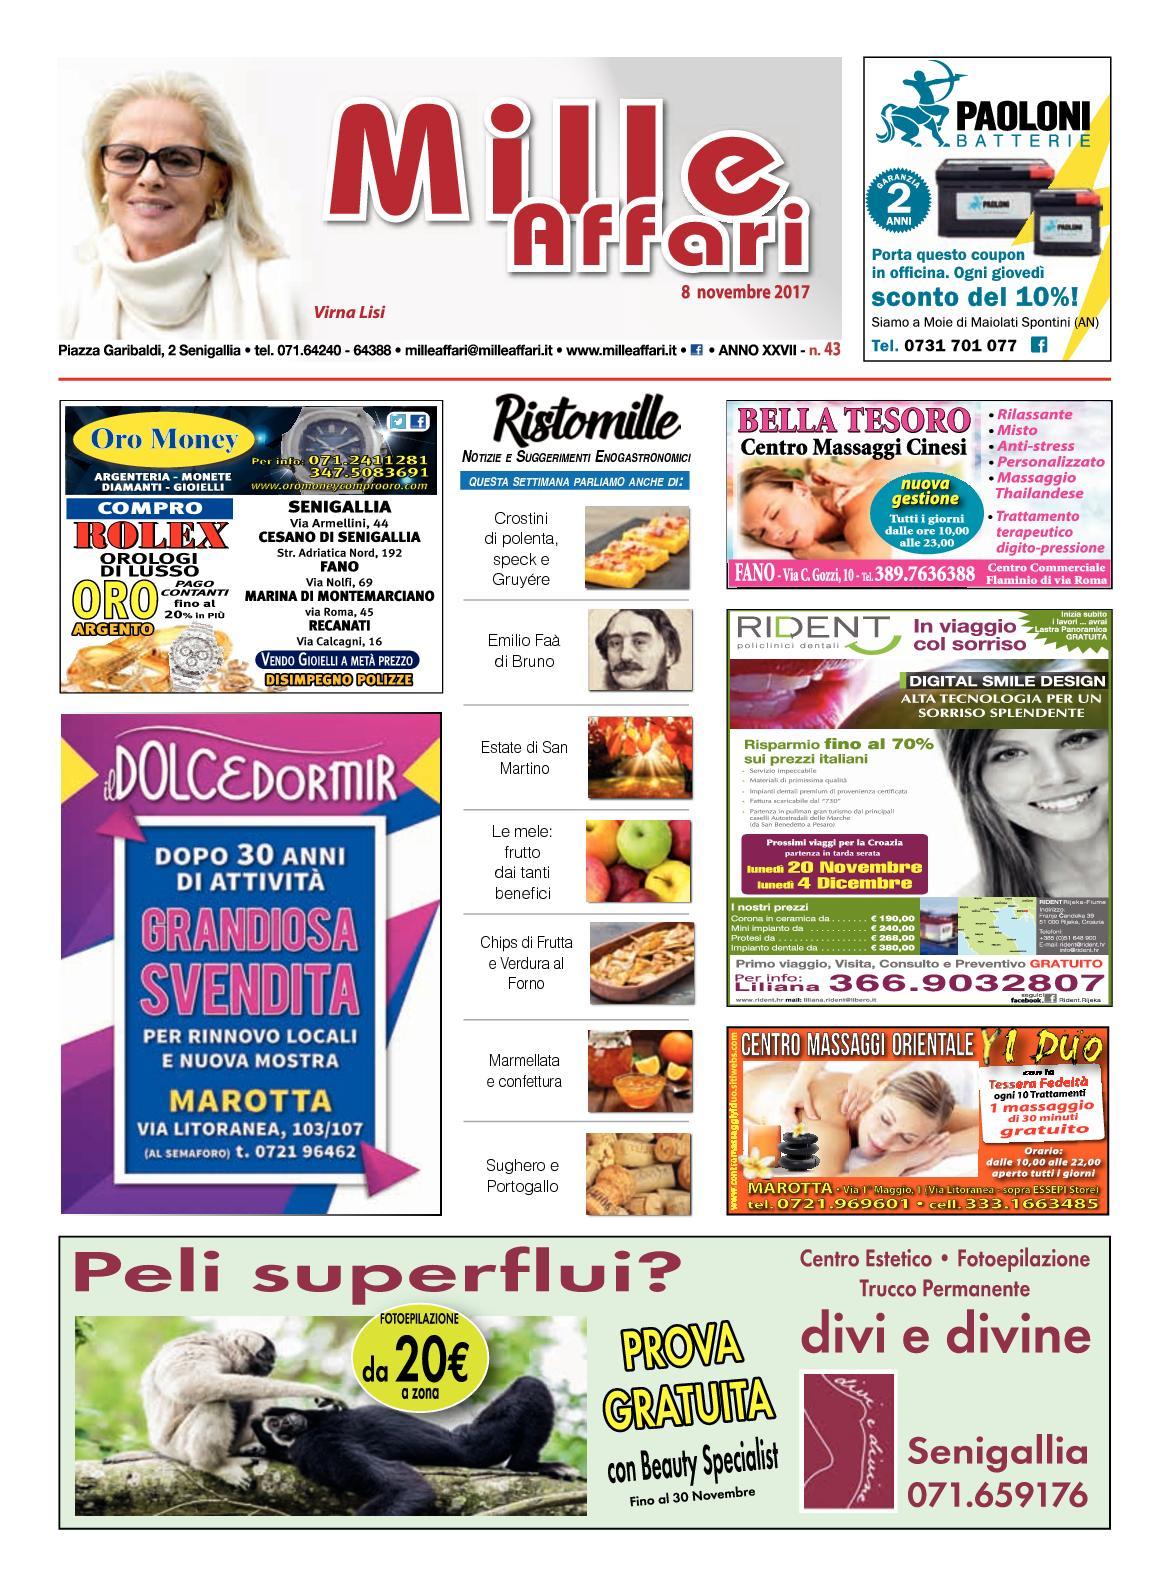 Calaméo - Milleaffari N°43 Del 08.11.17 e610132fdcf4